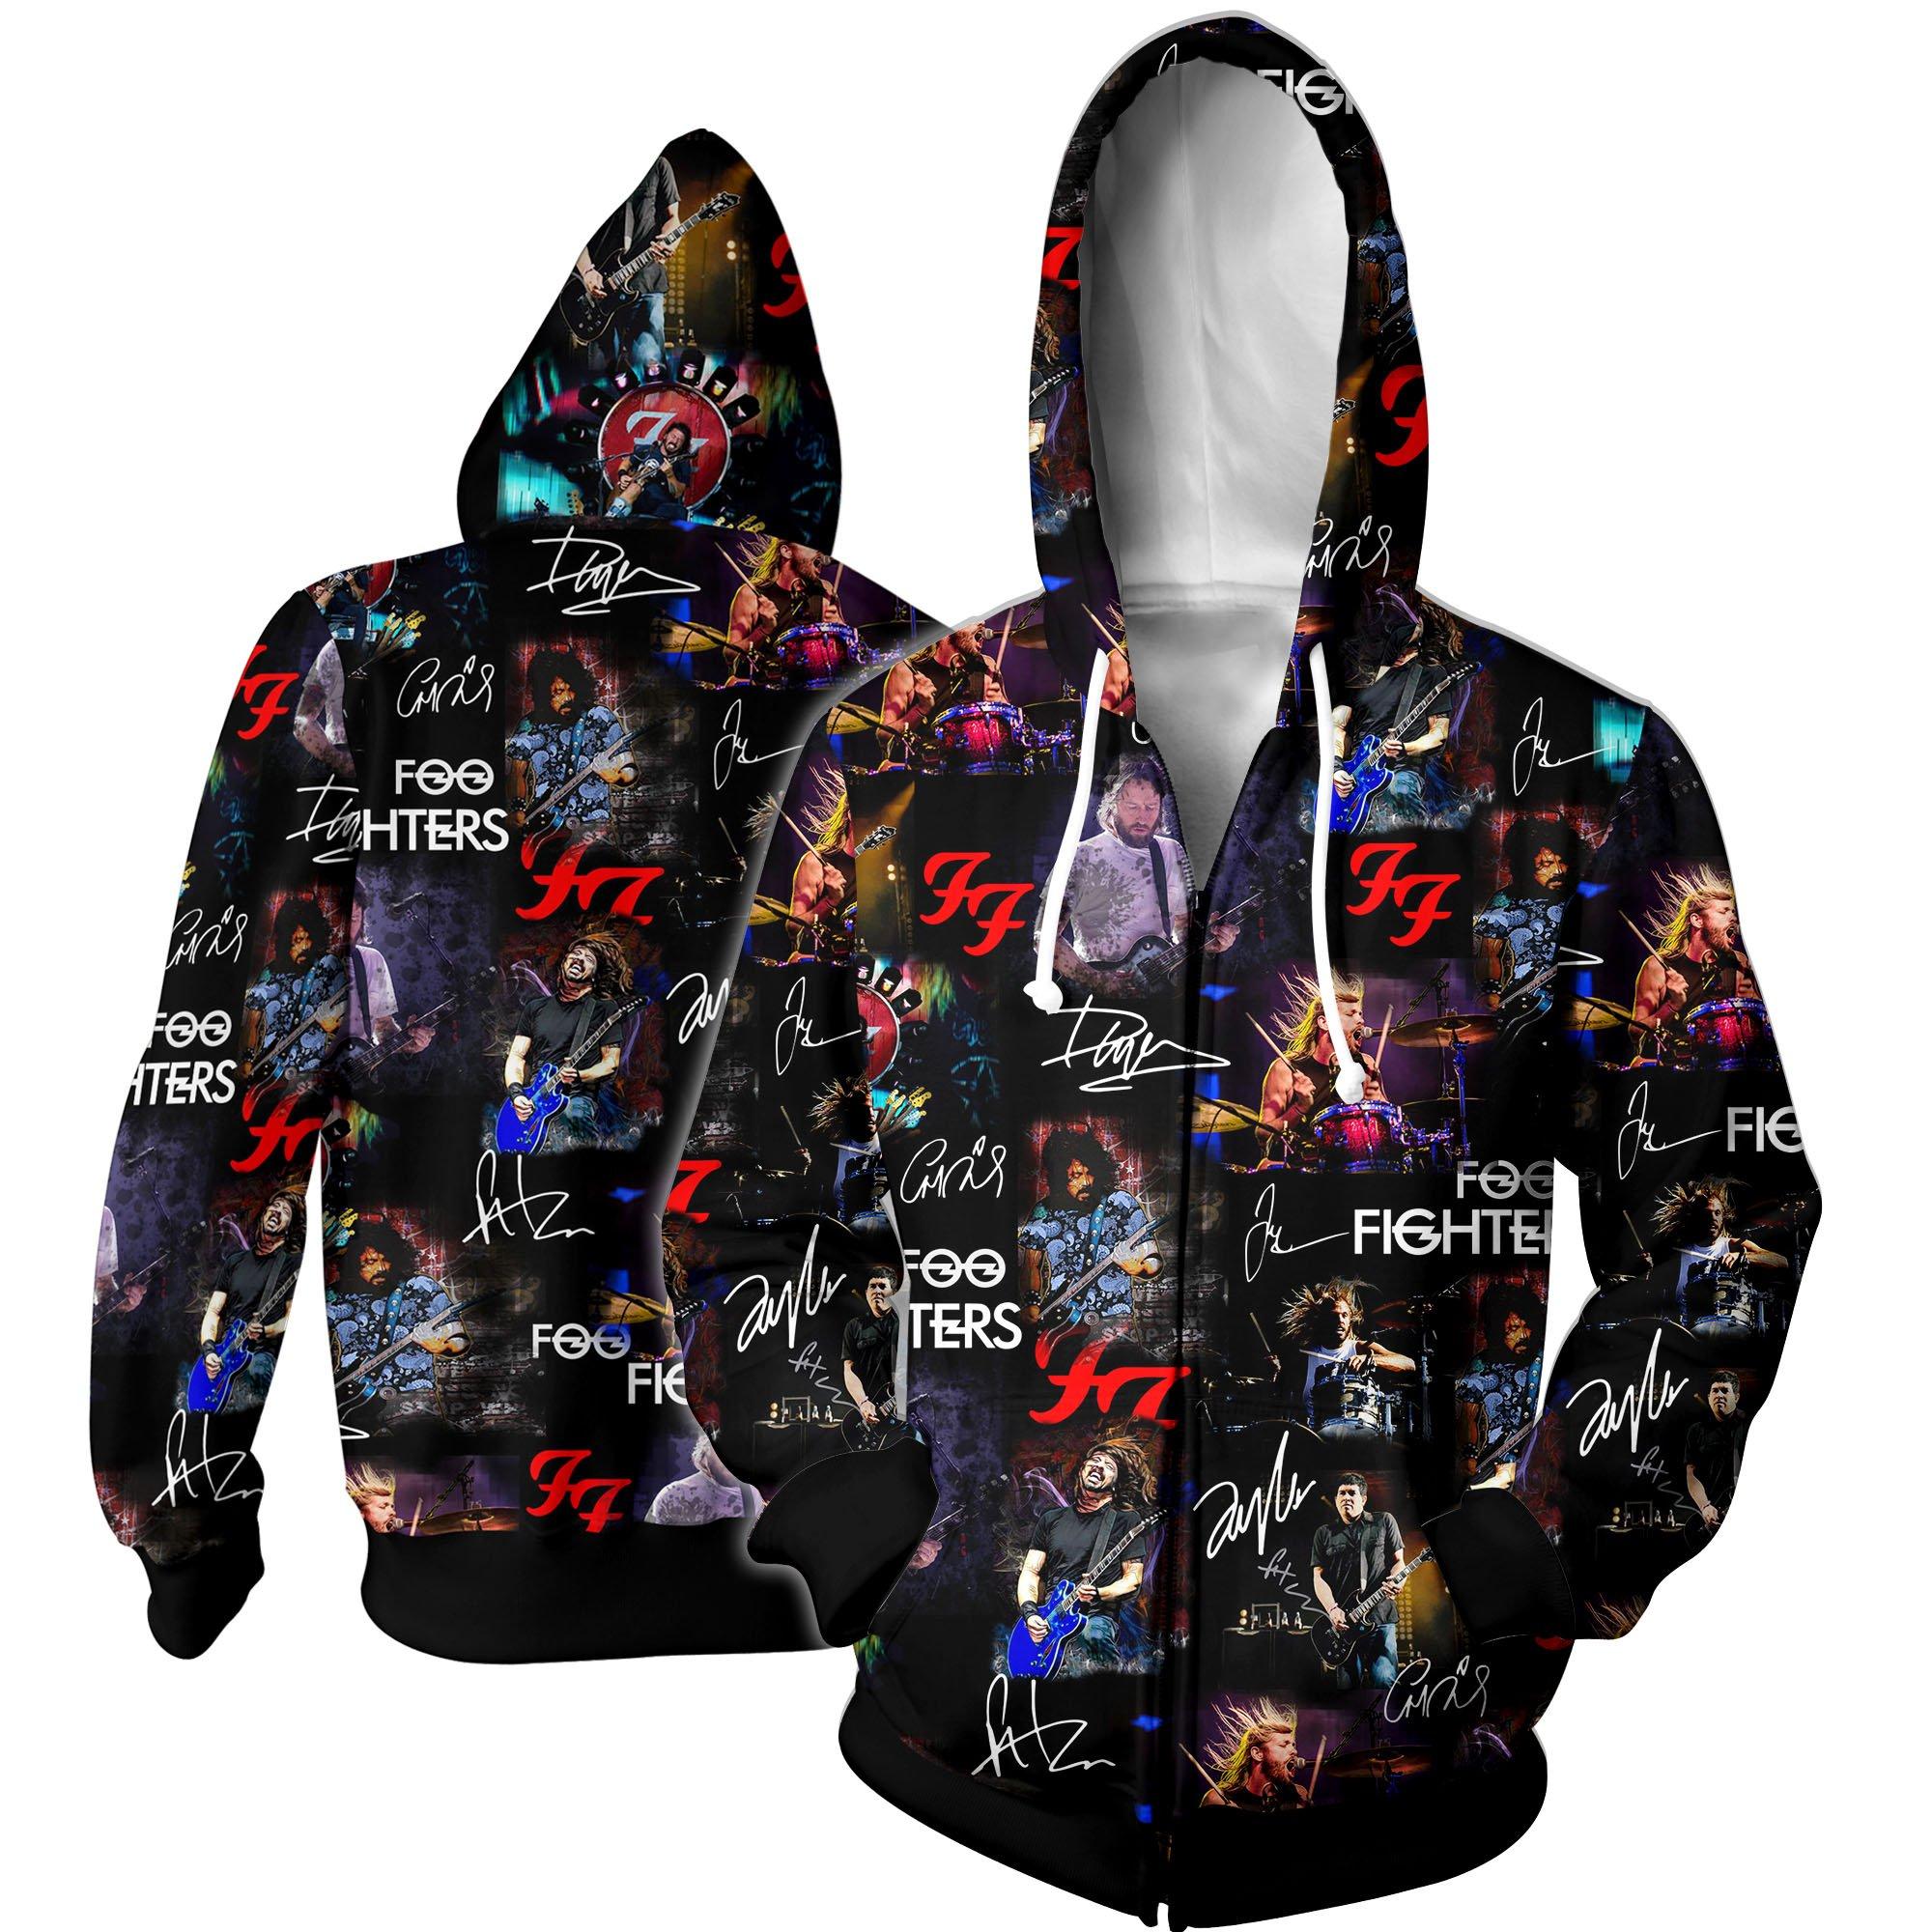 Foo fighters all over printed hawaiian zip hoodie